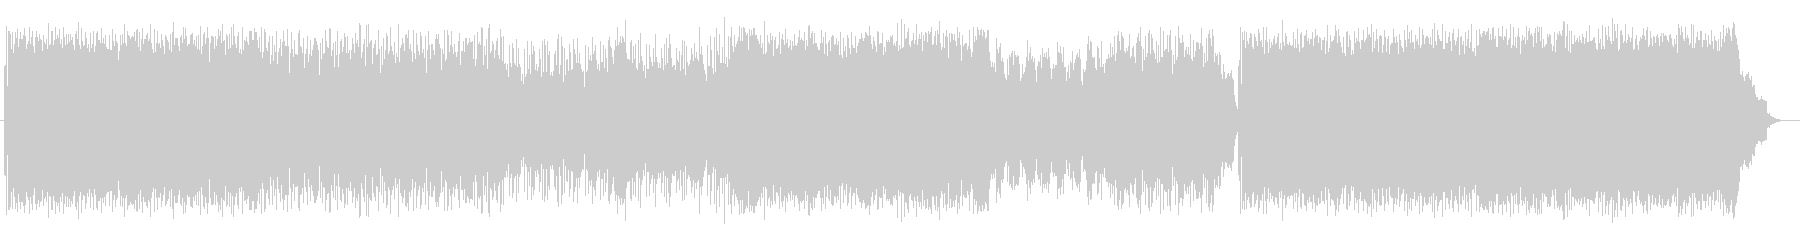 走り抜けるようなドラムが特徴のロックの未再生の波形